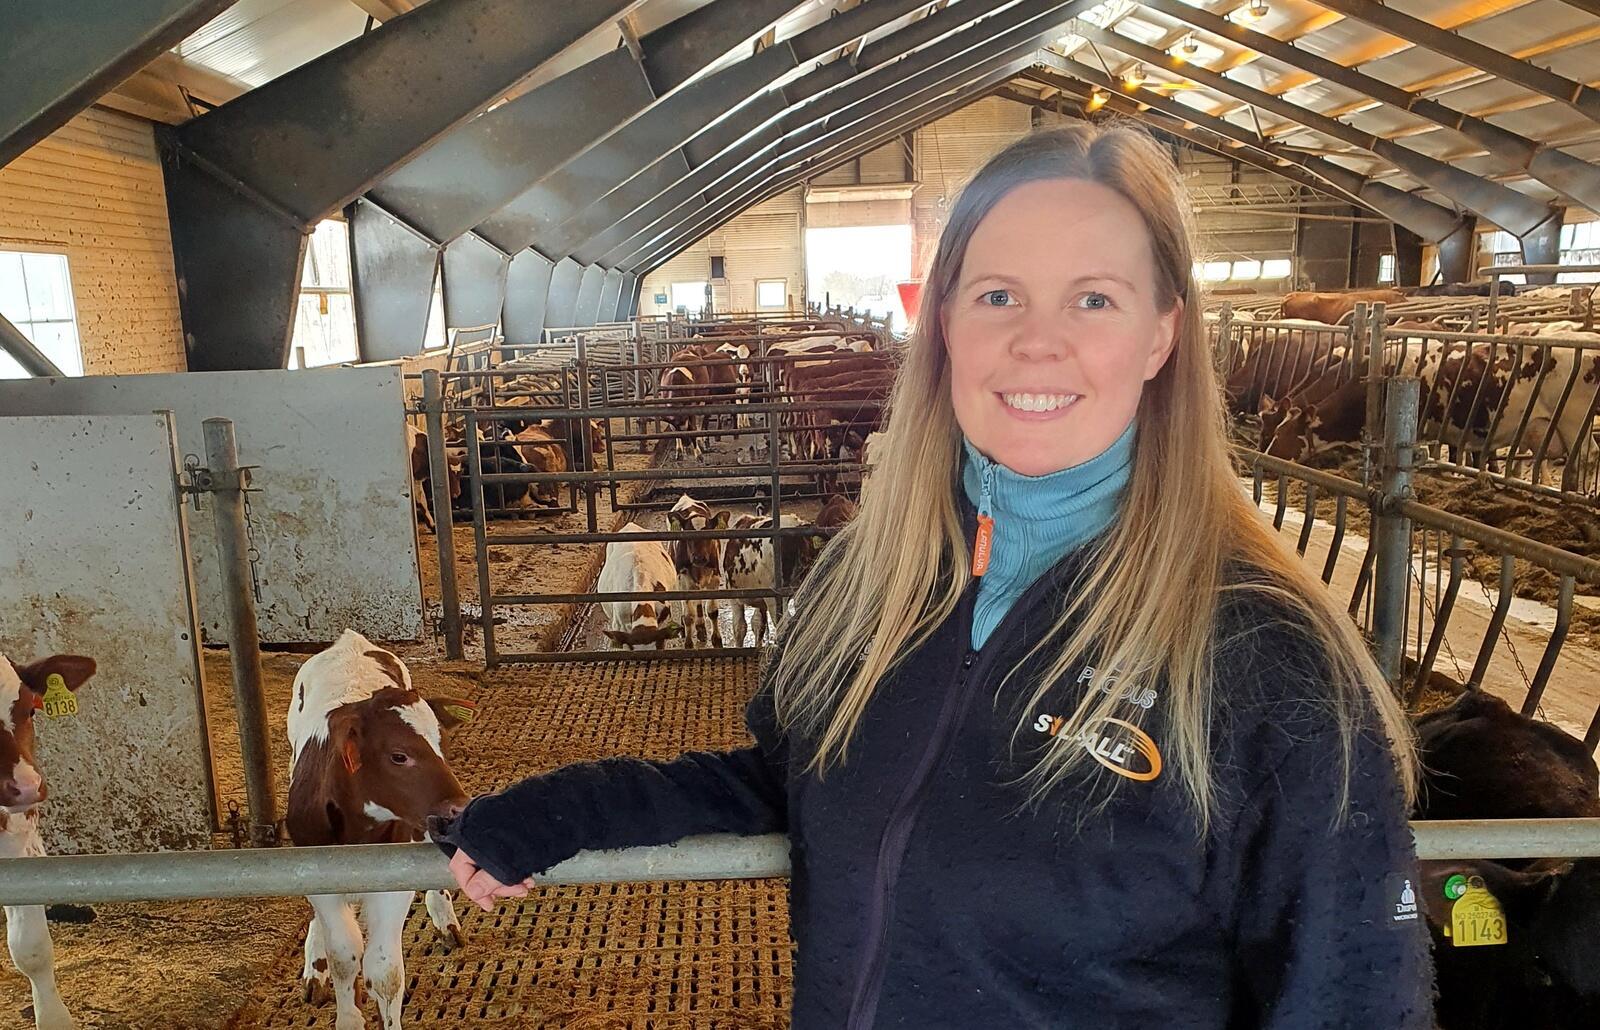 Hilde Kjersem Kolberg, melke- og kjøttprodusent fra Hustadvika, har satt stor pris på engasjementet til Marita Ruohoranta. Foto: Privat